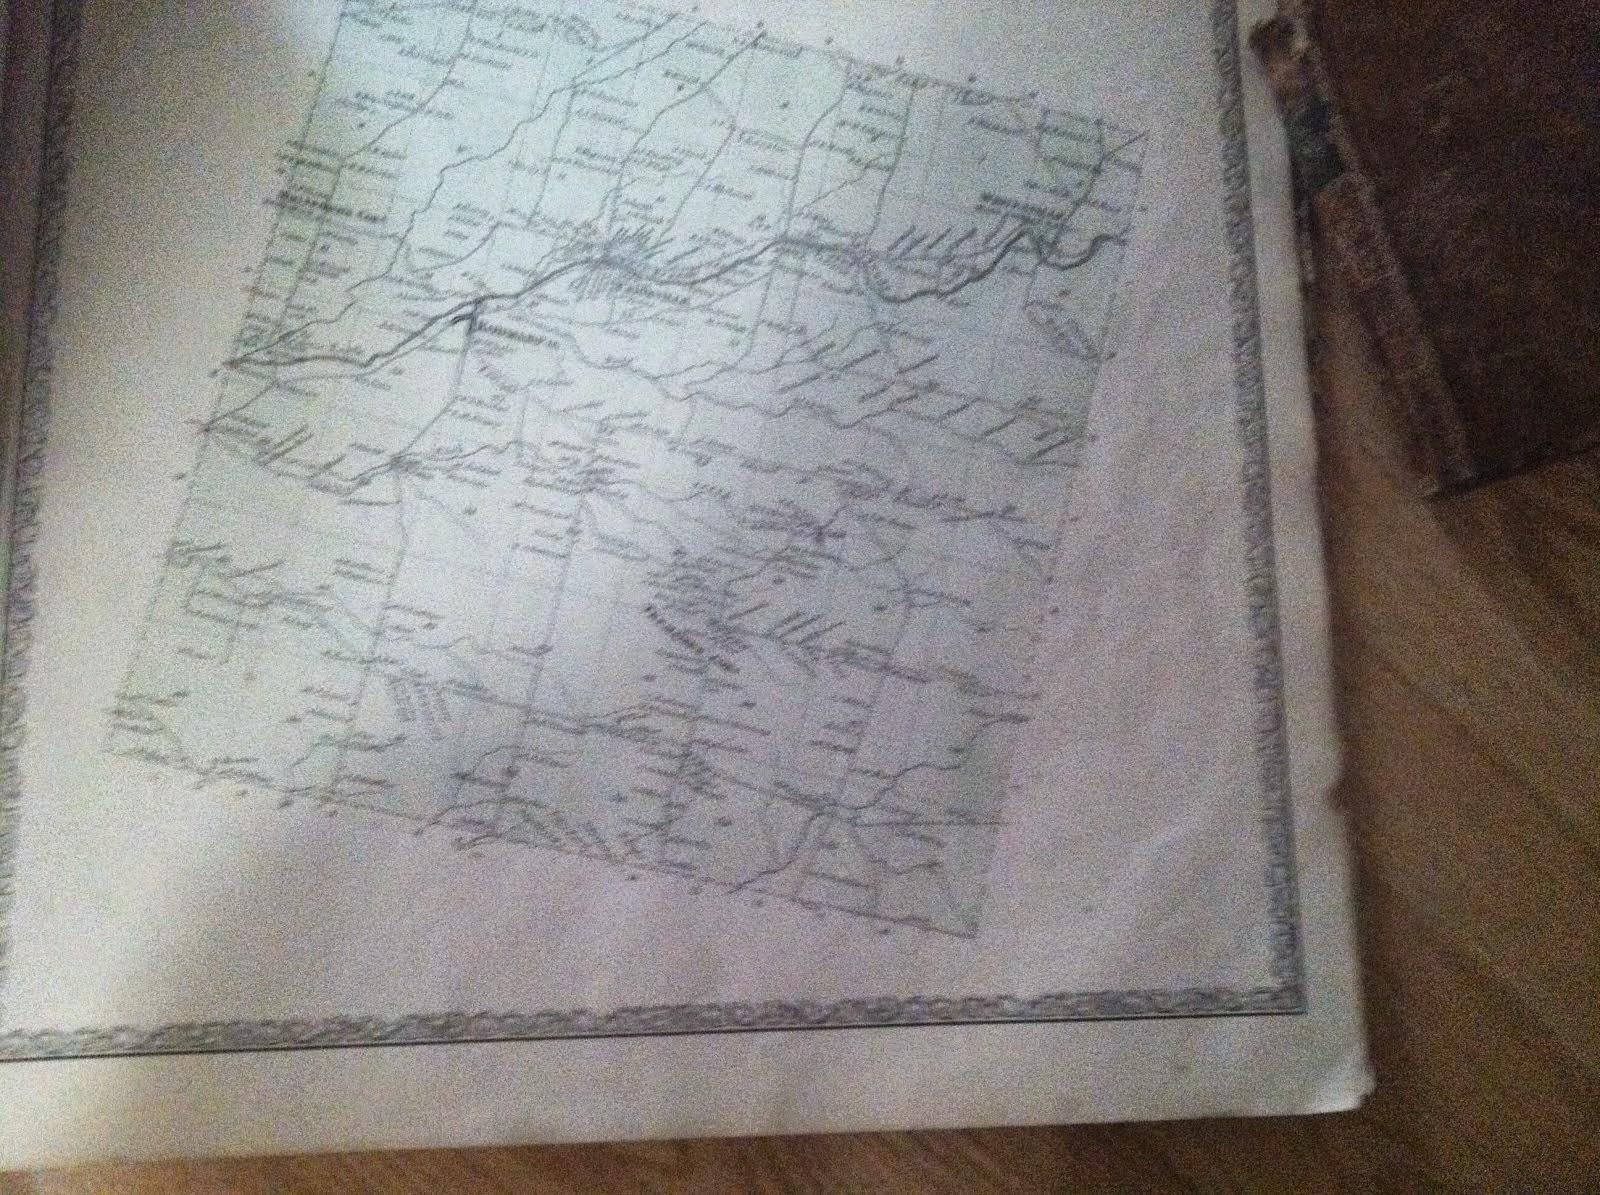 Plat maps